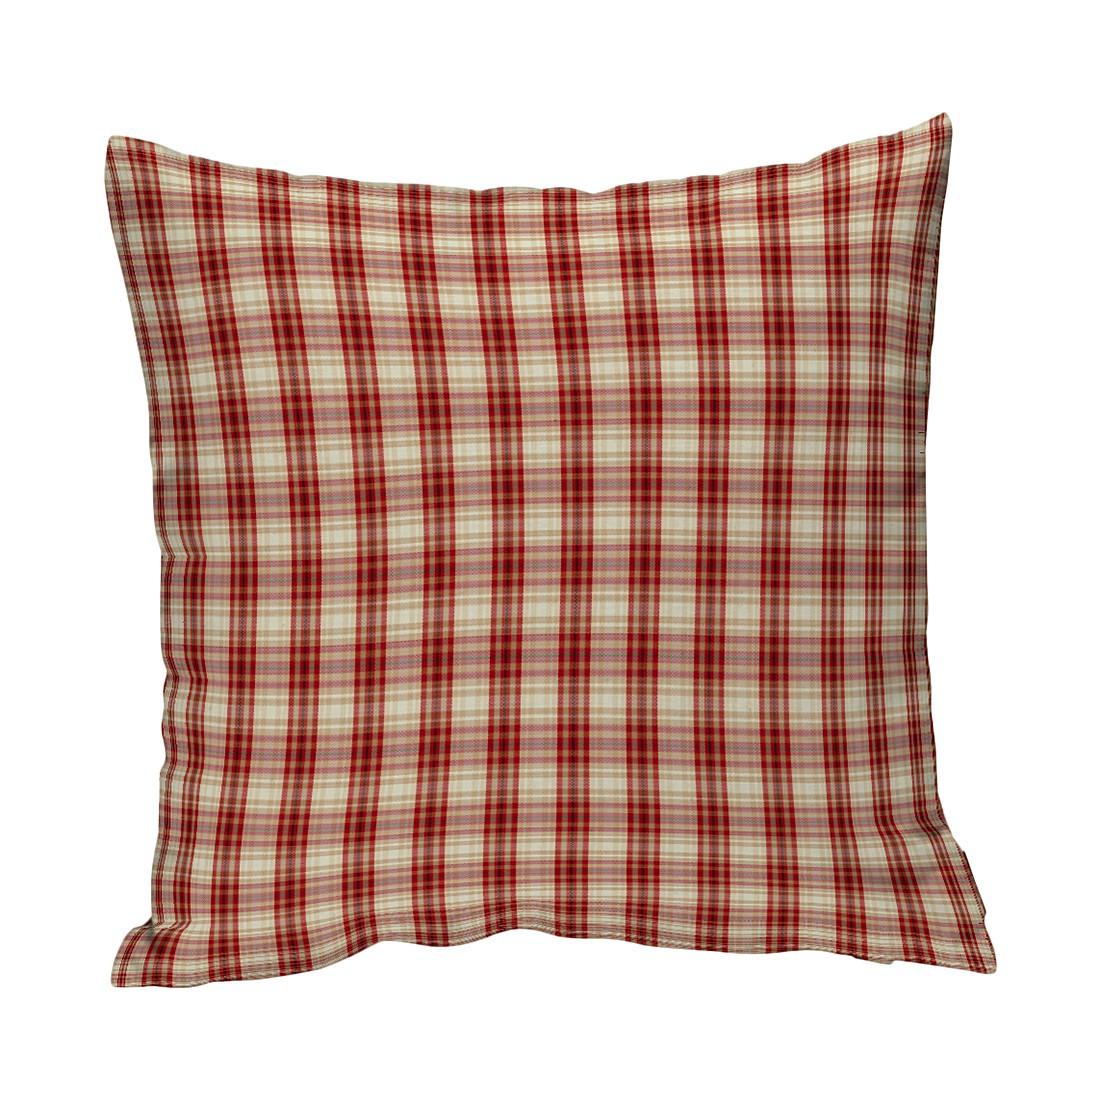 Kissenhülle – Beige/Rot Kariert – 43×43 cm, Dekoria günstig online kaufen